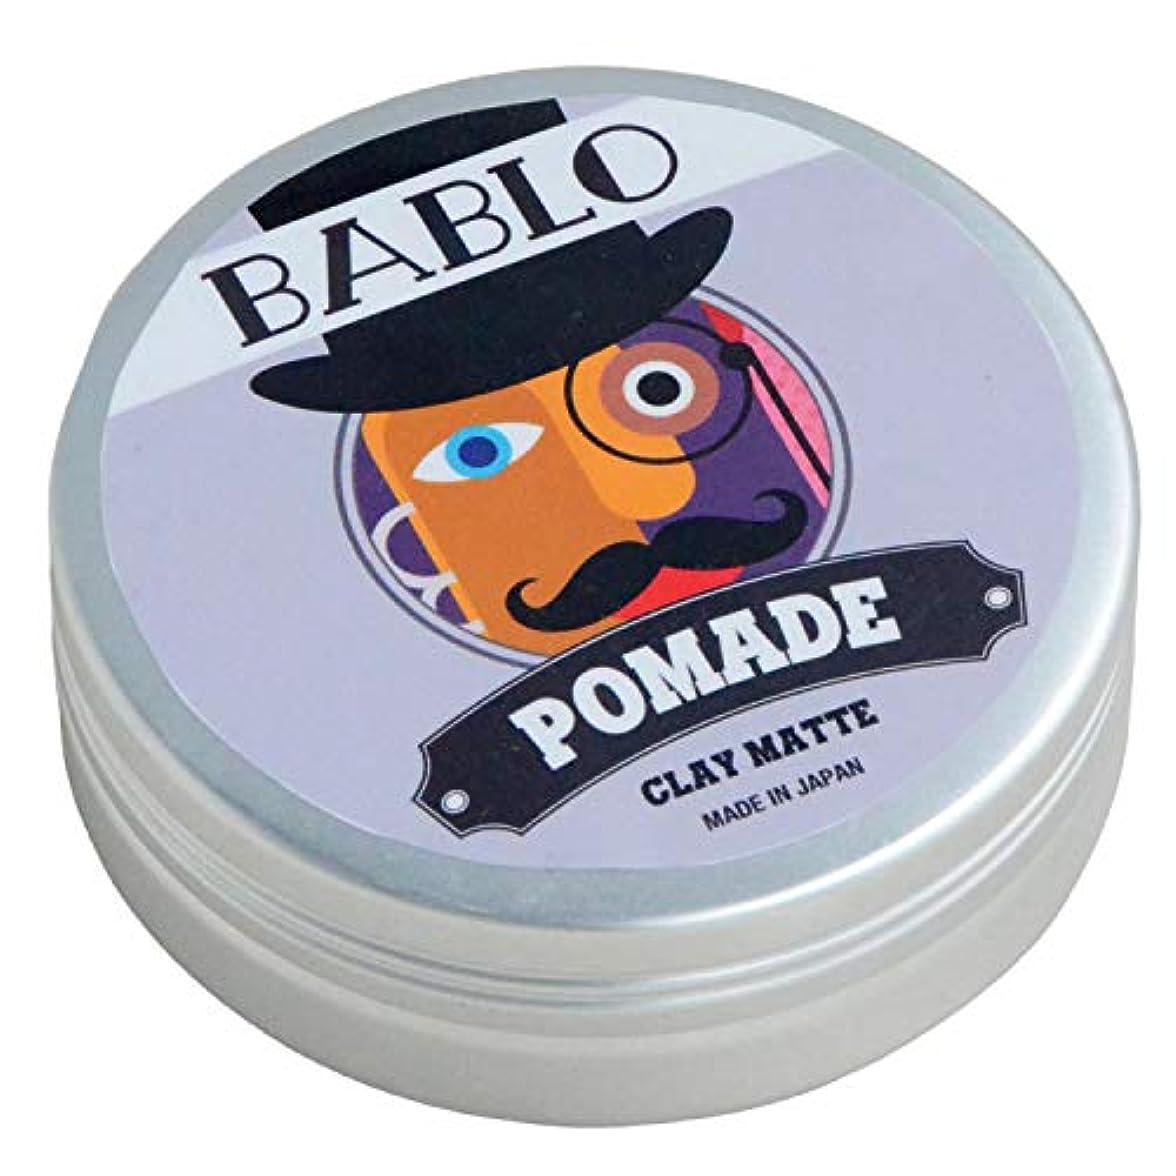 チラチラする薄い名前バブロ ポマード(BABLO POMADE) クレイマット ヘアワックス メンズ 整髪料 水性 ヘアグリース